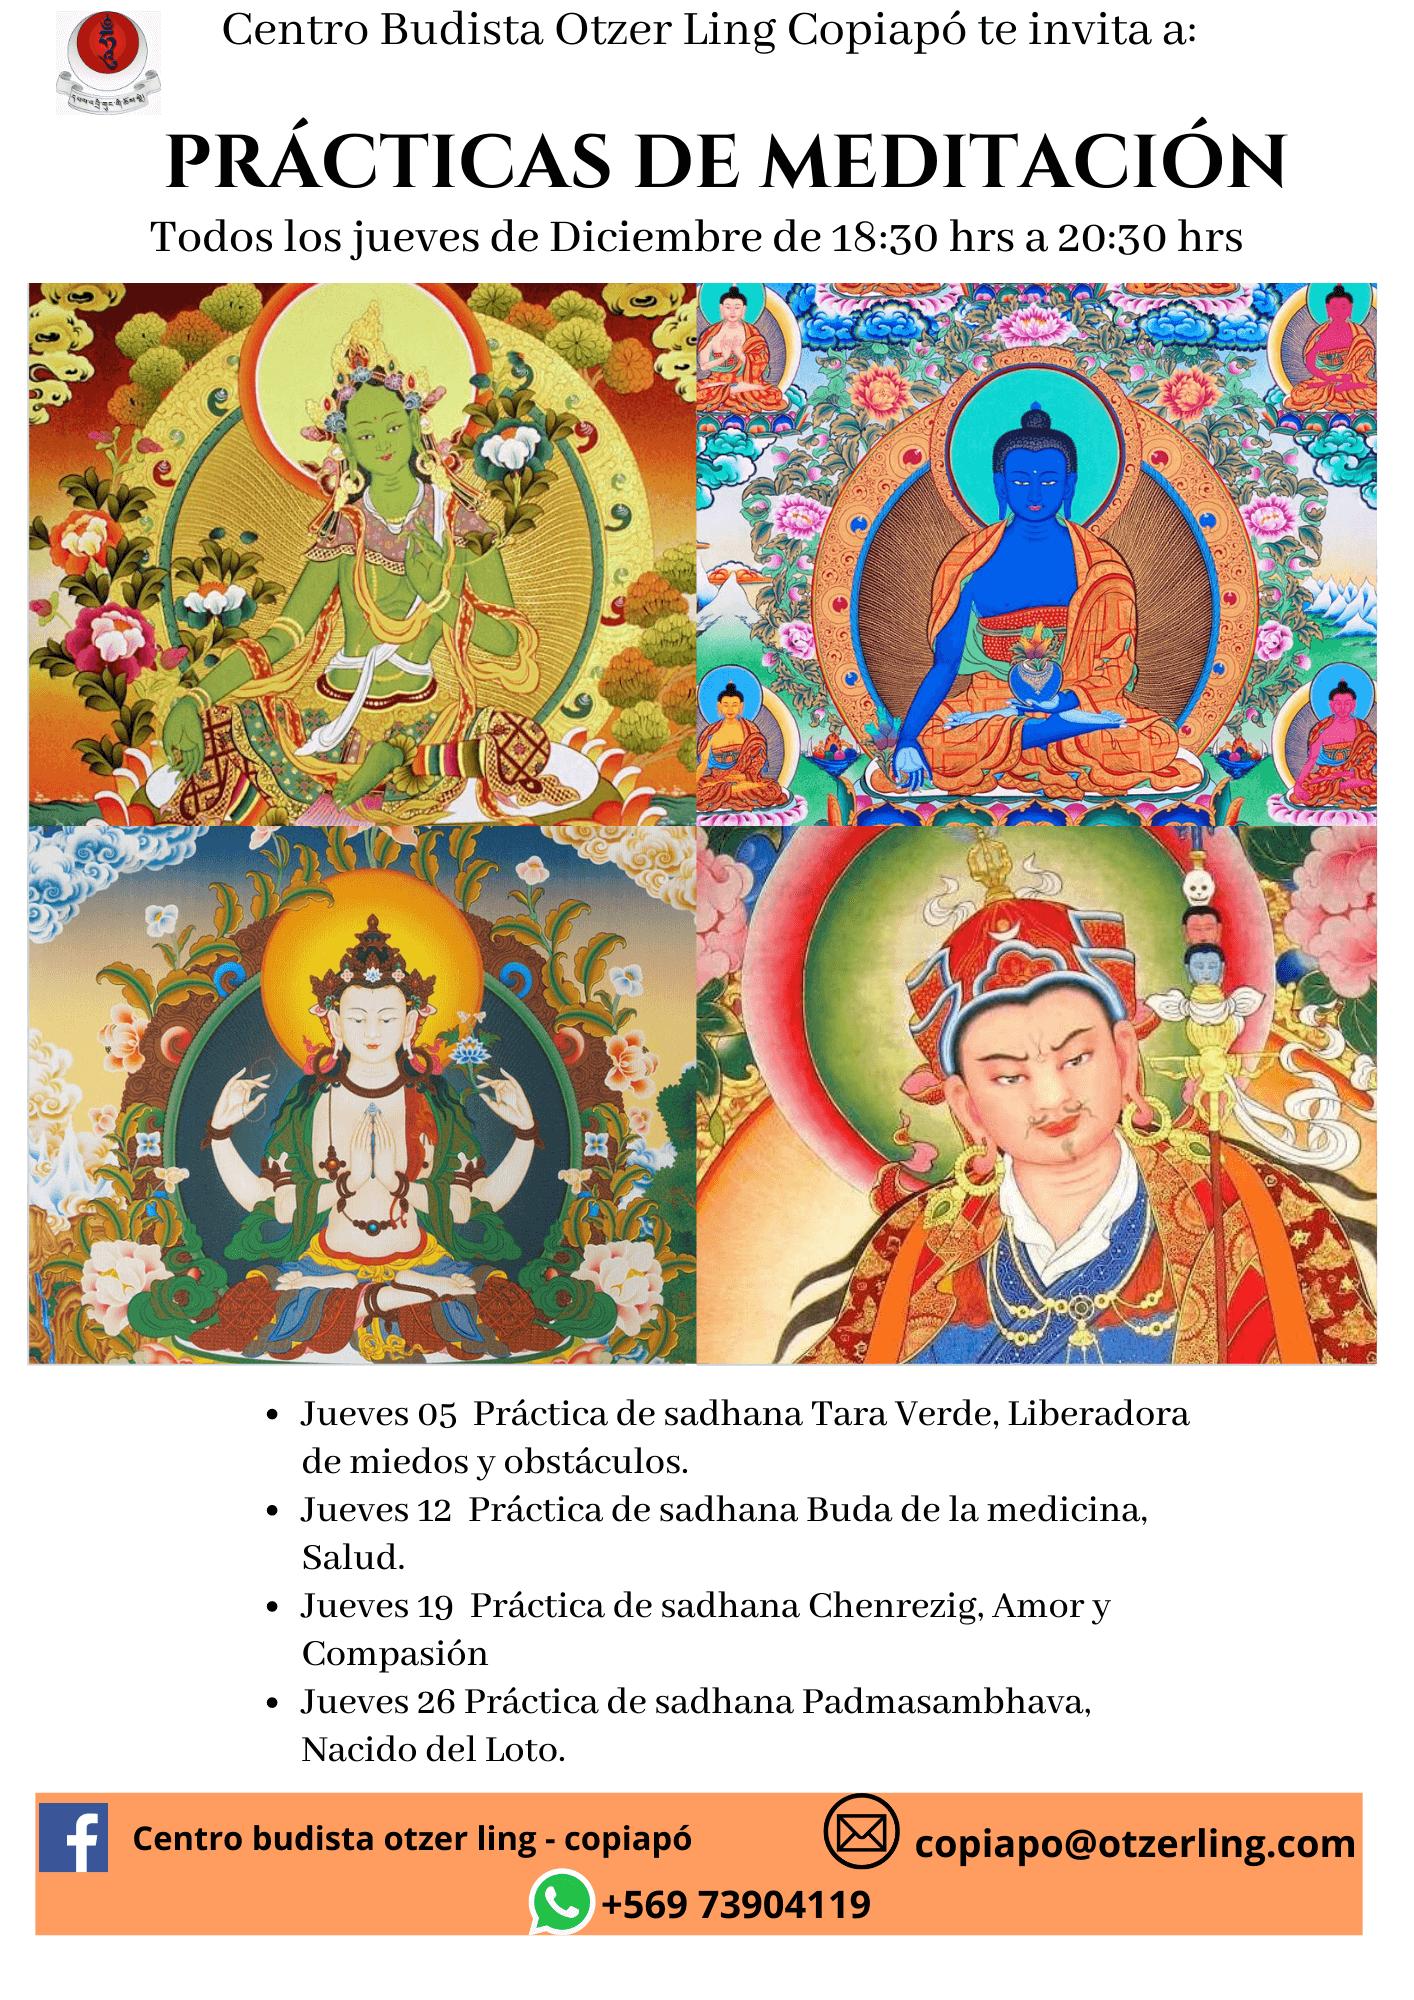 Prácticas de Meditación con Sadhana y Recitación de Mantras en Copiapó